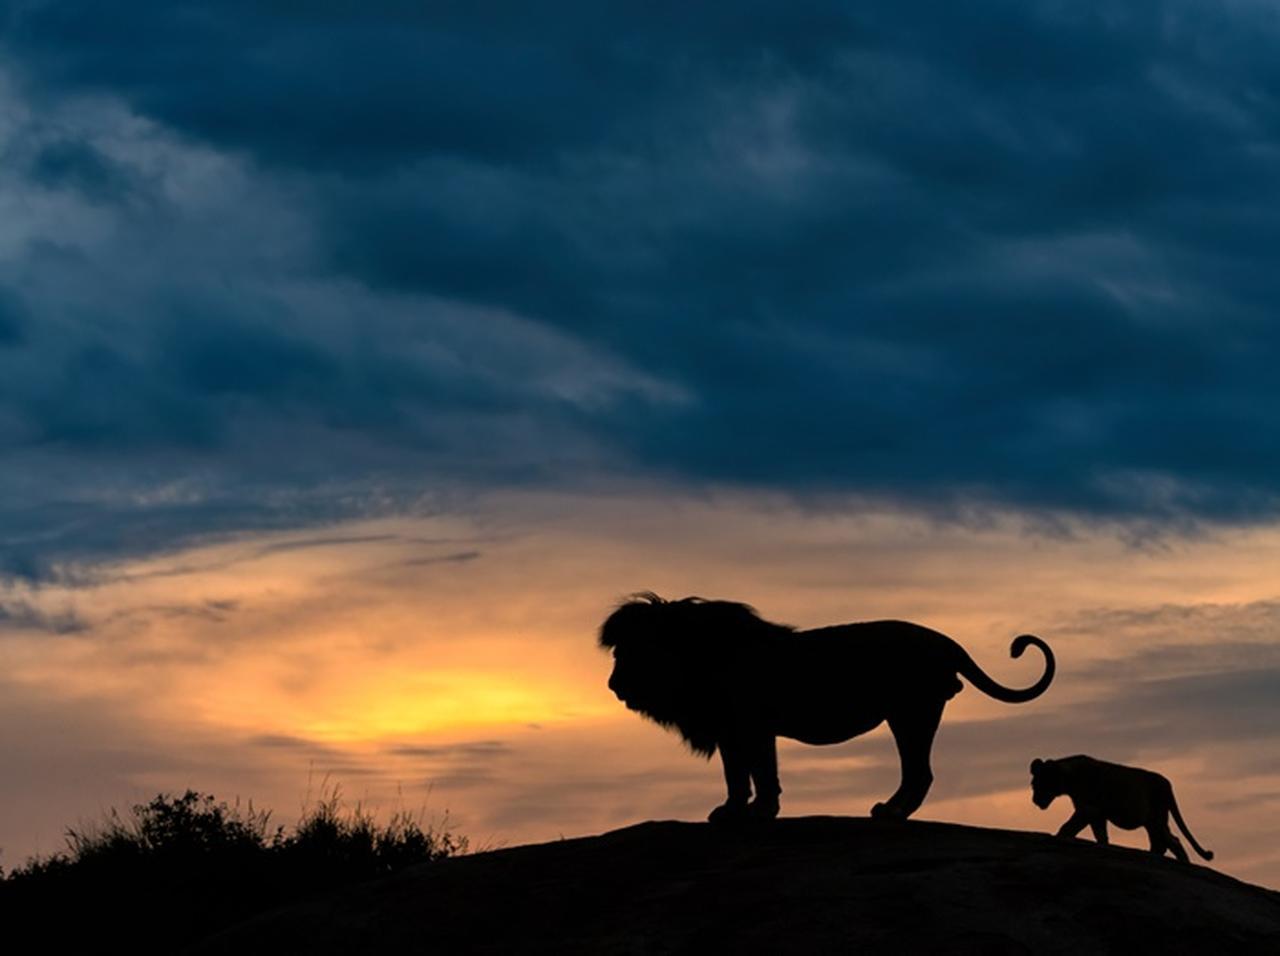 ライオンの画像 p1_20